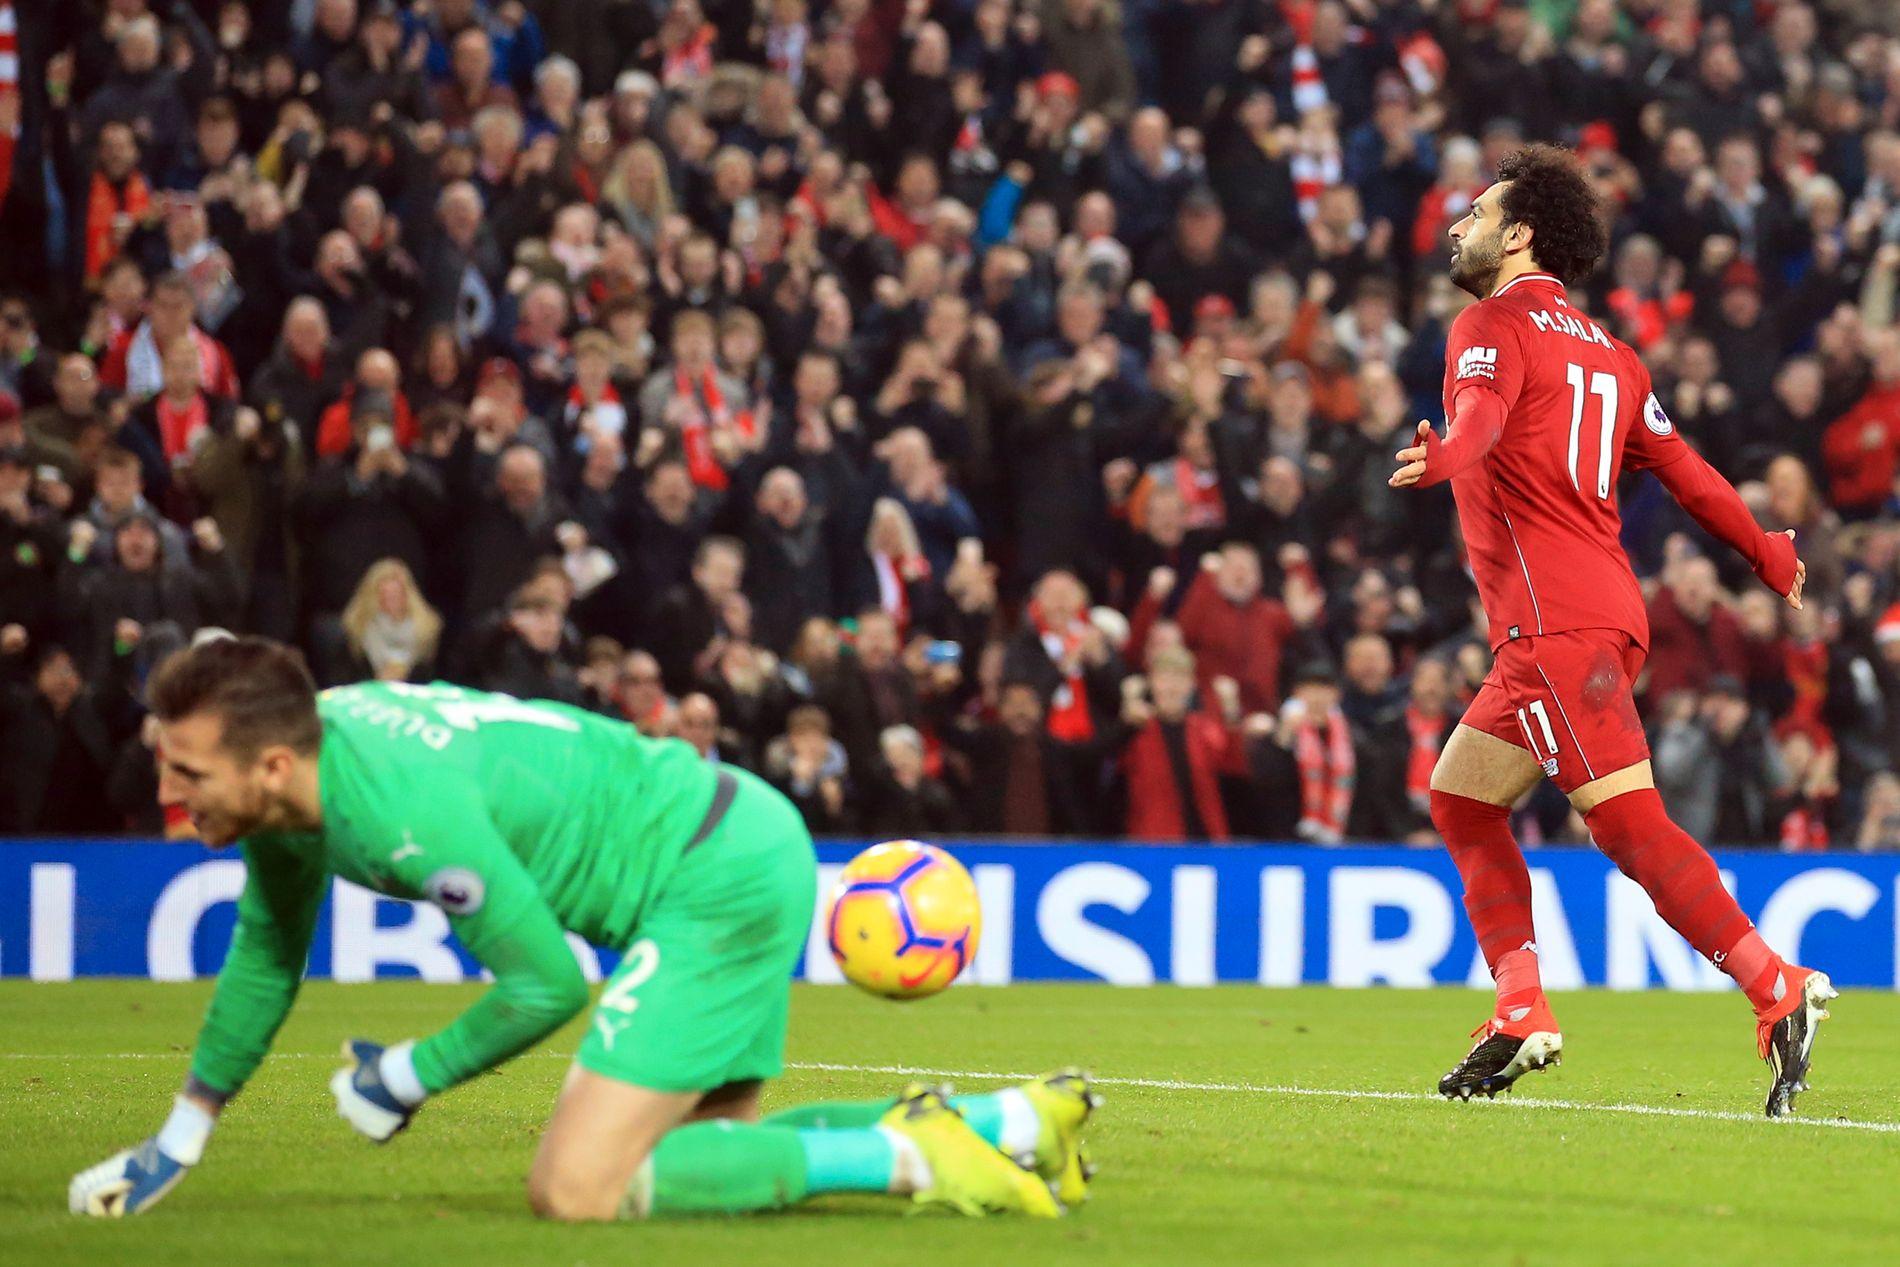 SCORET OG ASSISTERTE: Mohamed Salah jubler etter å ha scoret på straffe. Senere i kampen tok han corneren, som Fabinho headet i nettet. Til venstre fortviler Newcastle-keeper Martin Dúbravka.